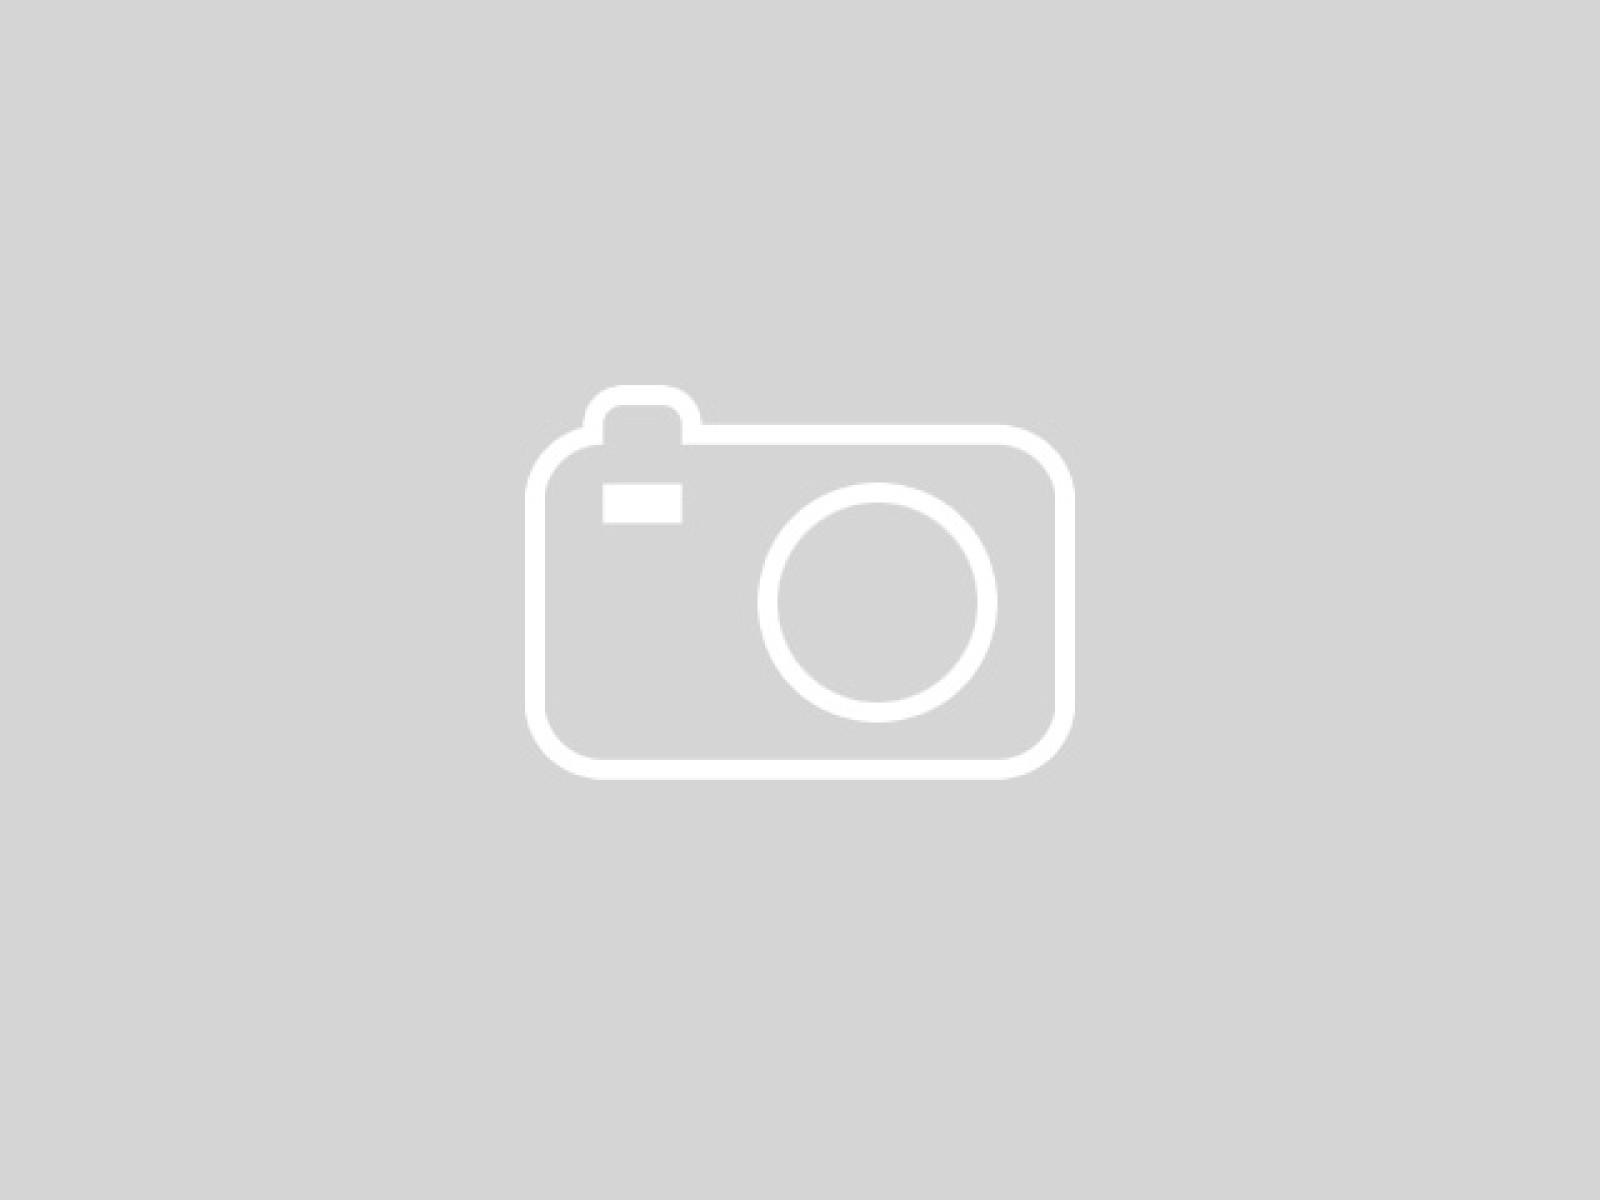 New 2021 Hyundai Kona 2.0L Preferred AWD